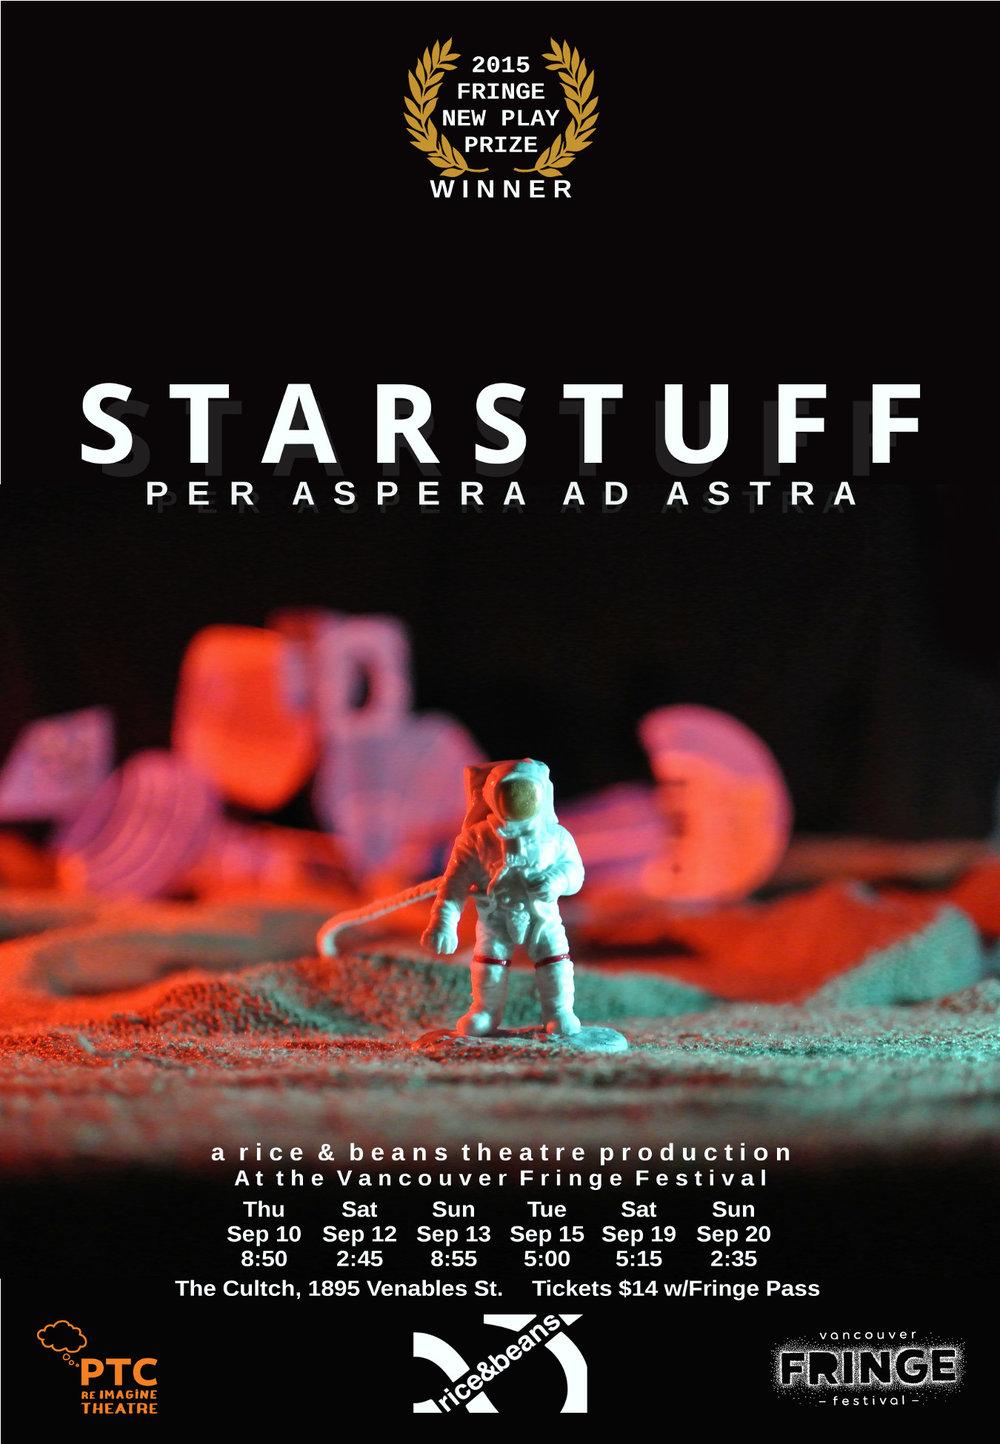 starstuff 4x6 final.jpg